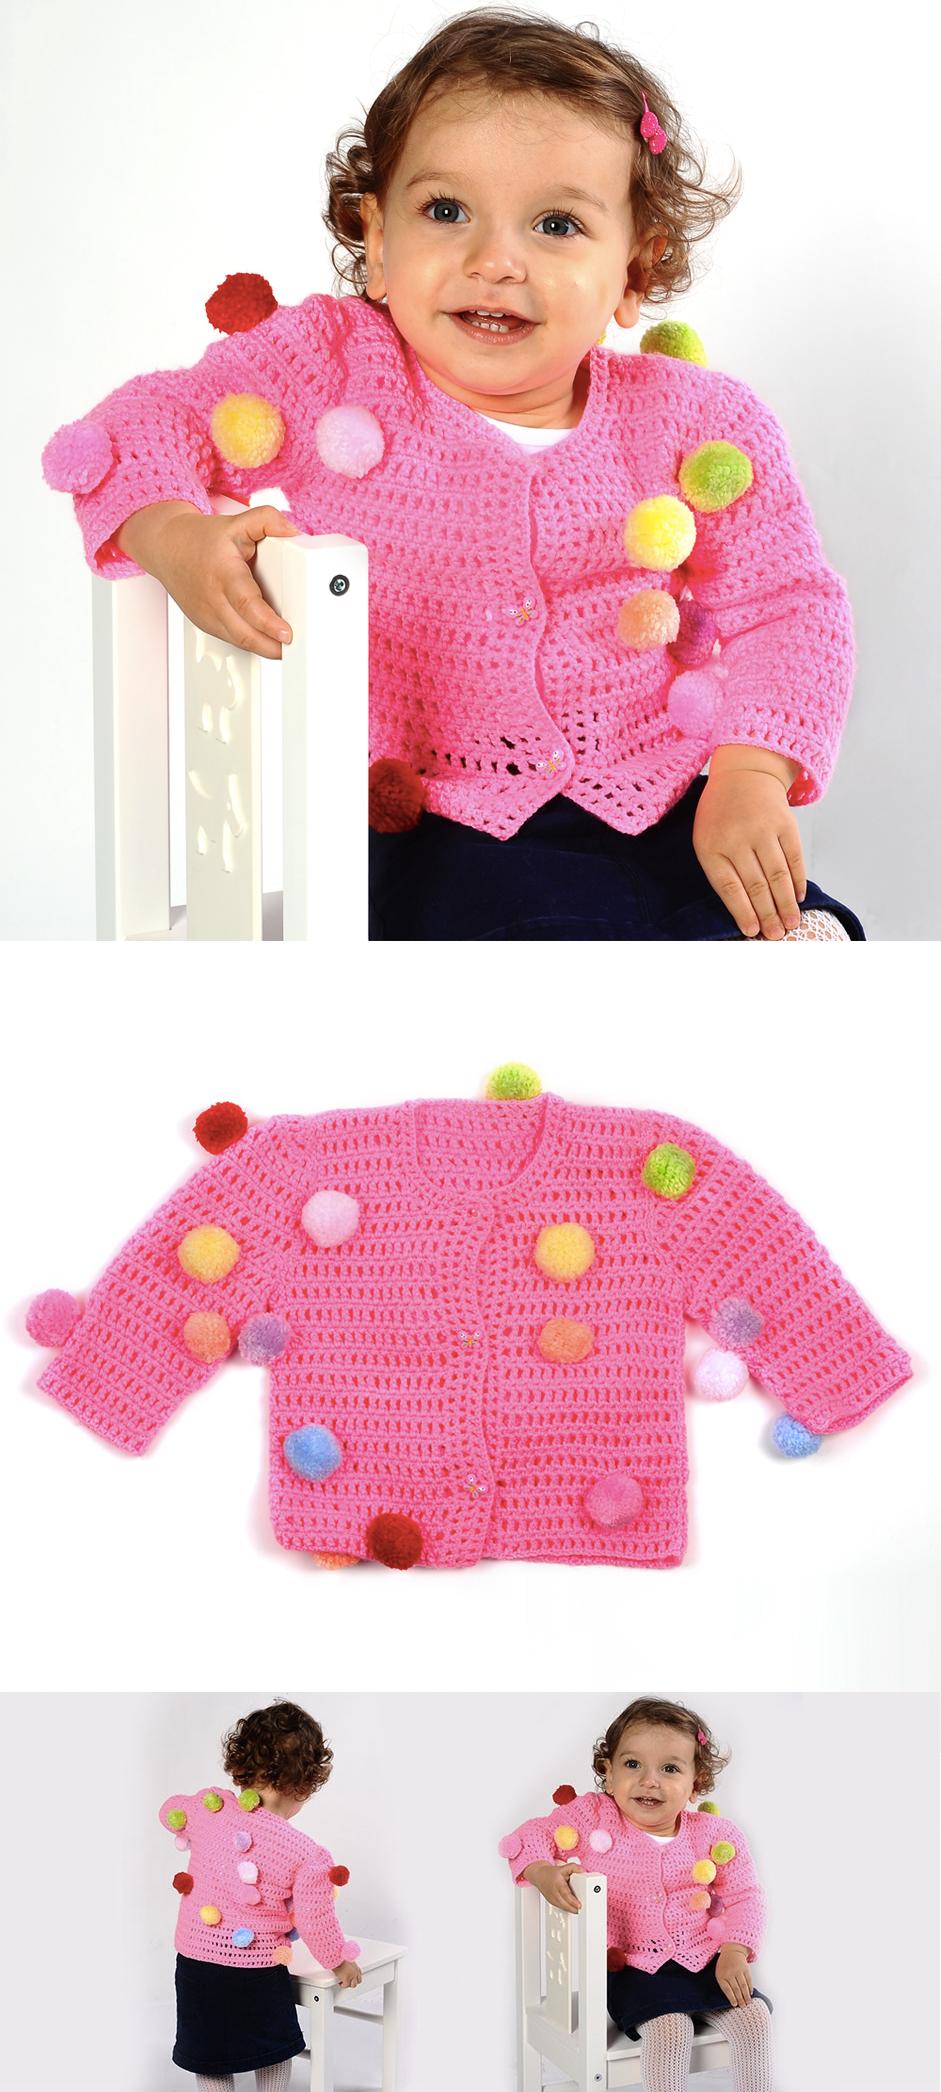 Şeker gibi rengarenk ponponları hırka üzerinde görmek isteyenler için harika bir seçenek. Nasıl Yapıldığını öğrenmek için: https://www.hobium.com/atolye/kendinden-ponponlu-iplikle-seker-tadinda-orgu-hirka Child cardigan. Supplies: Hobium.com